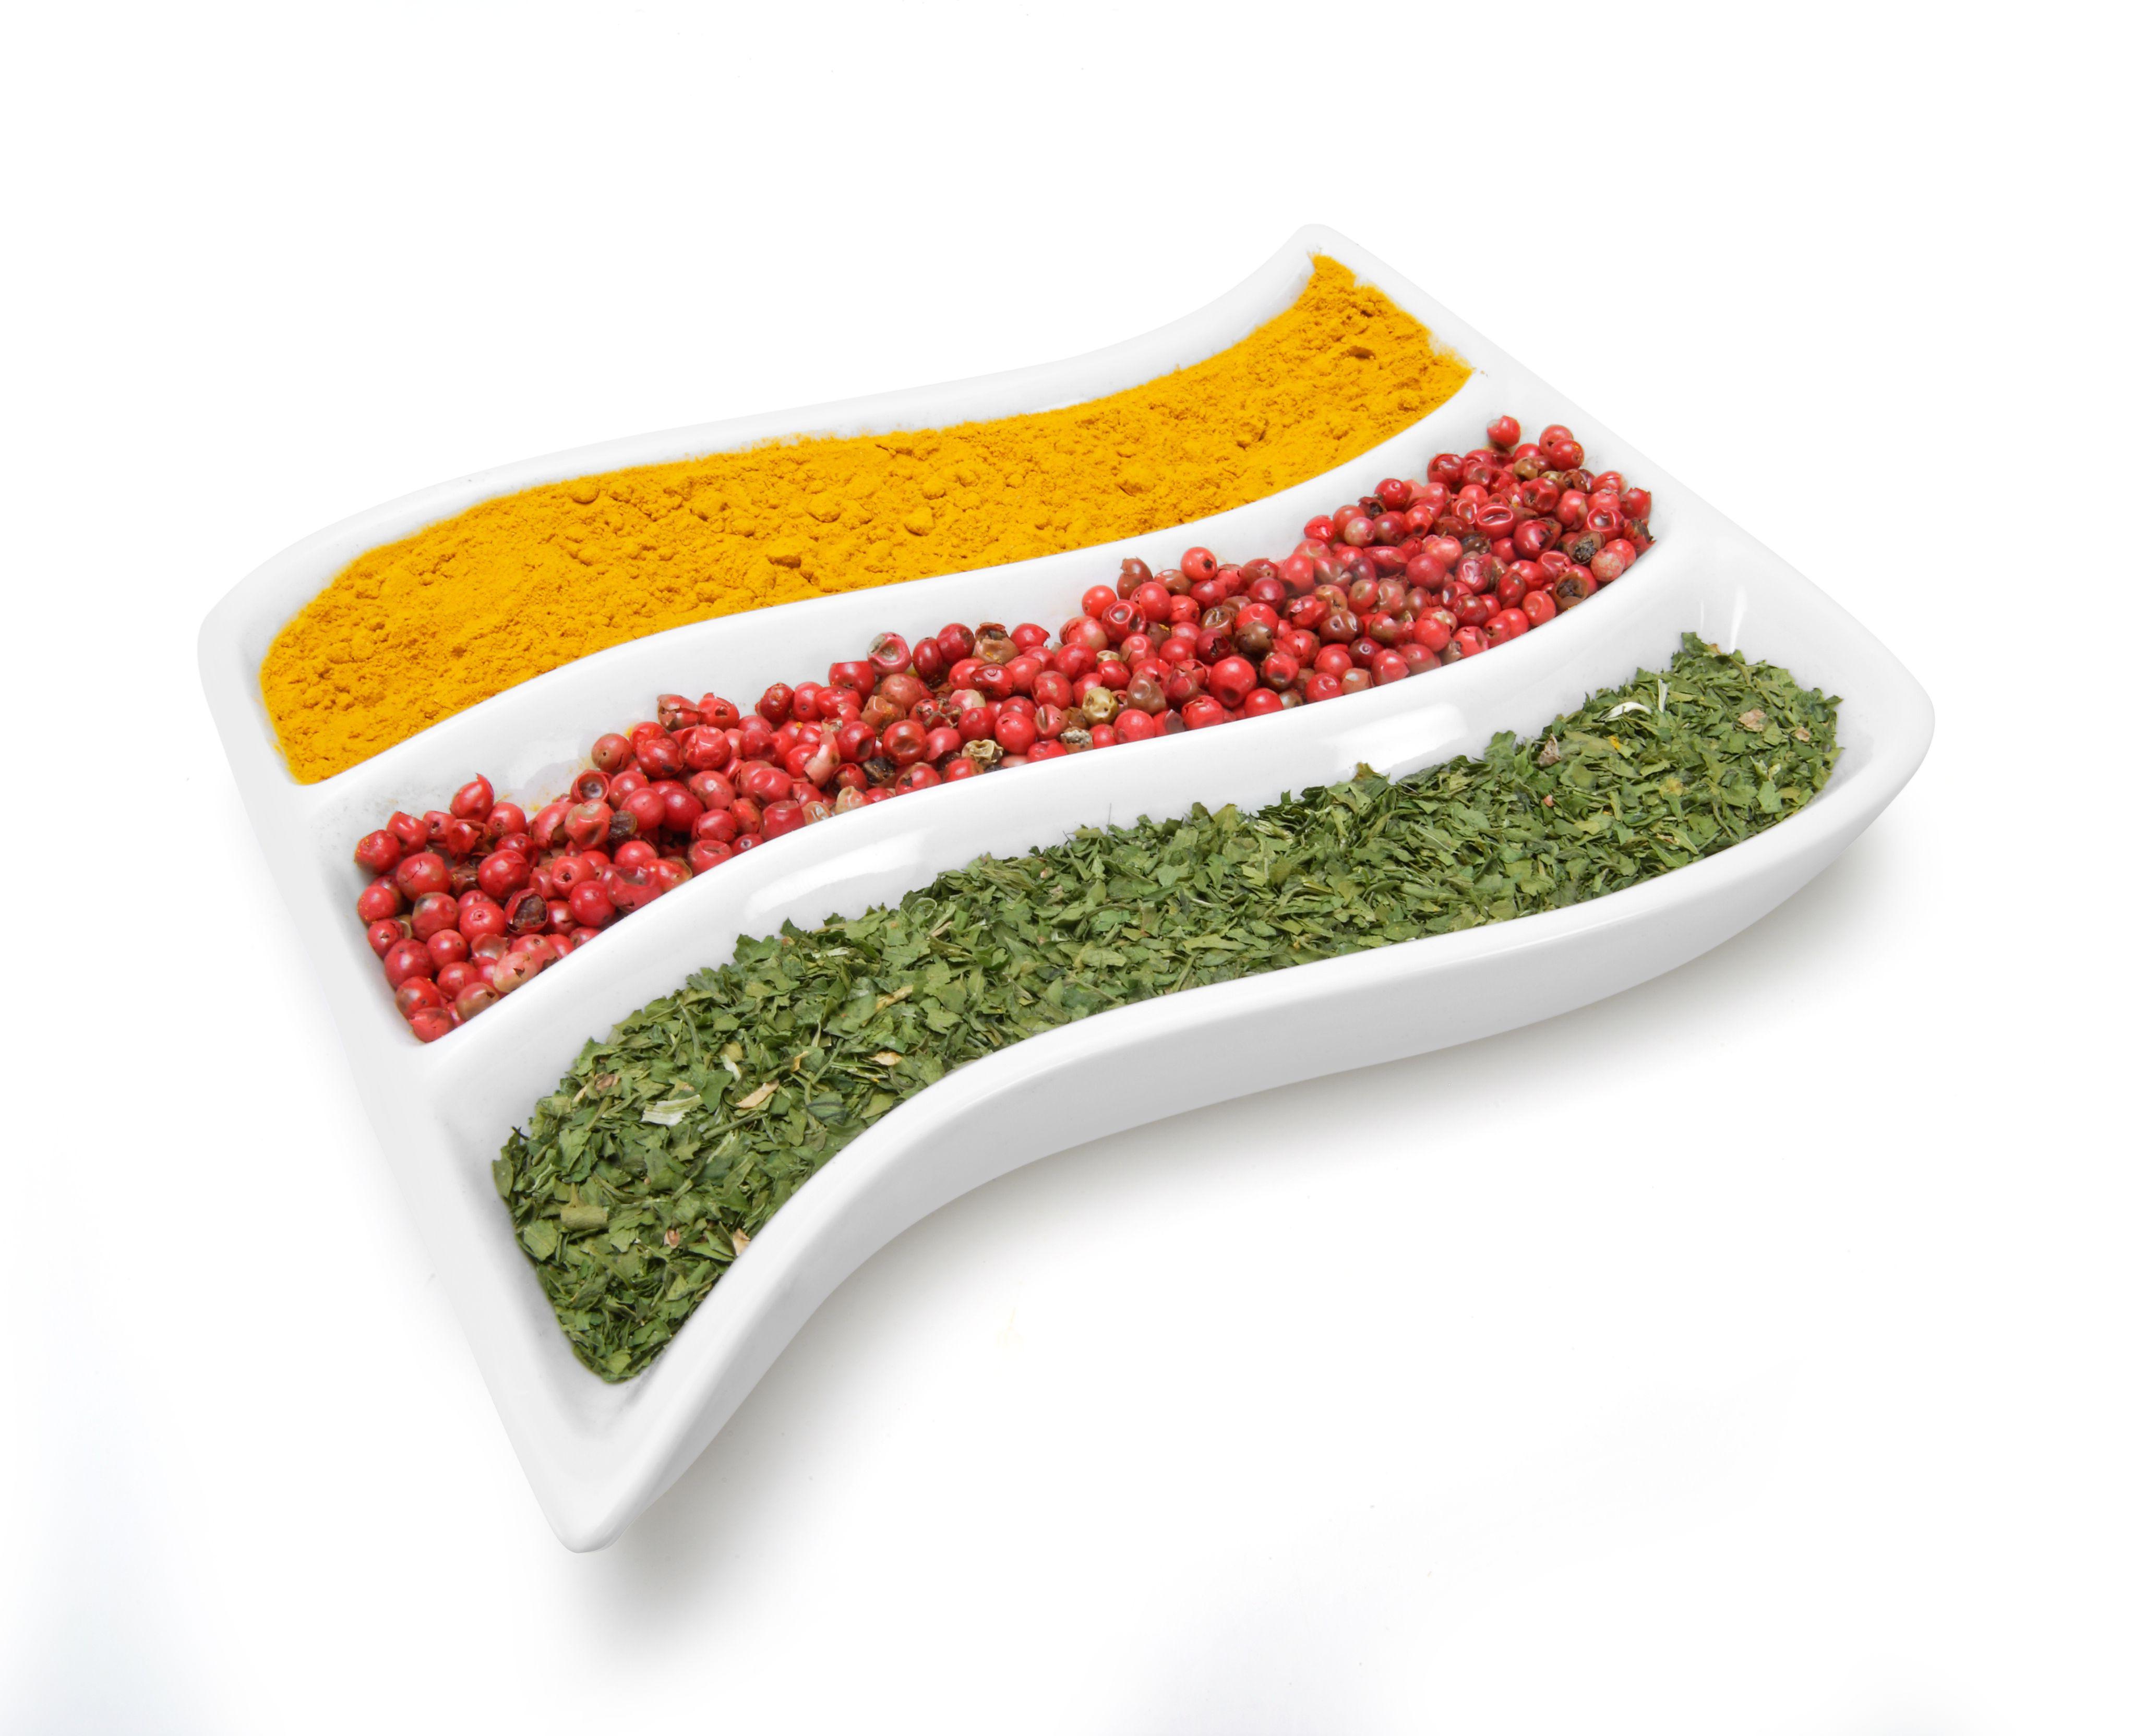 Especias en cuenco de porcelana; un toque elegante./ Spices in an ivory bowl; a smart touch.